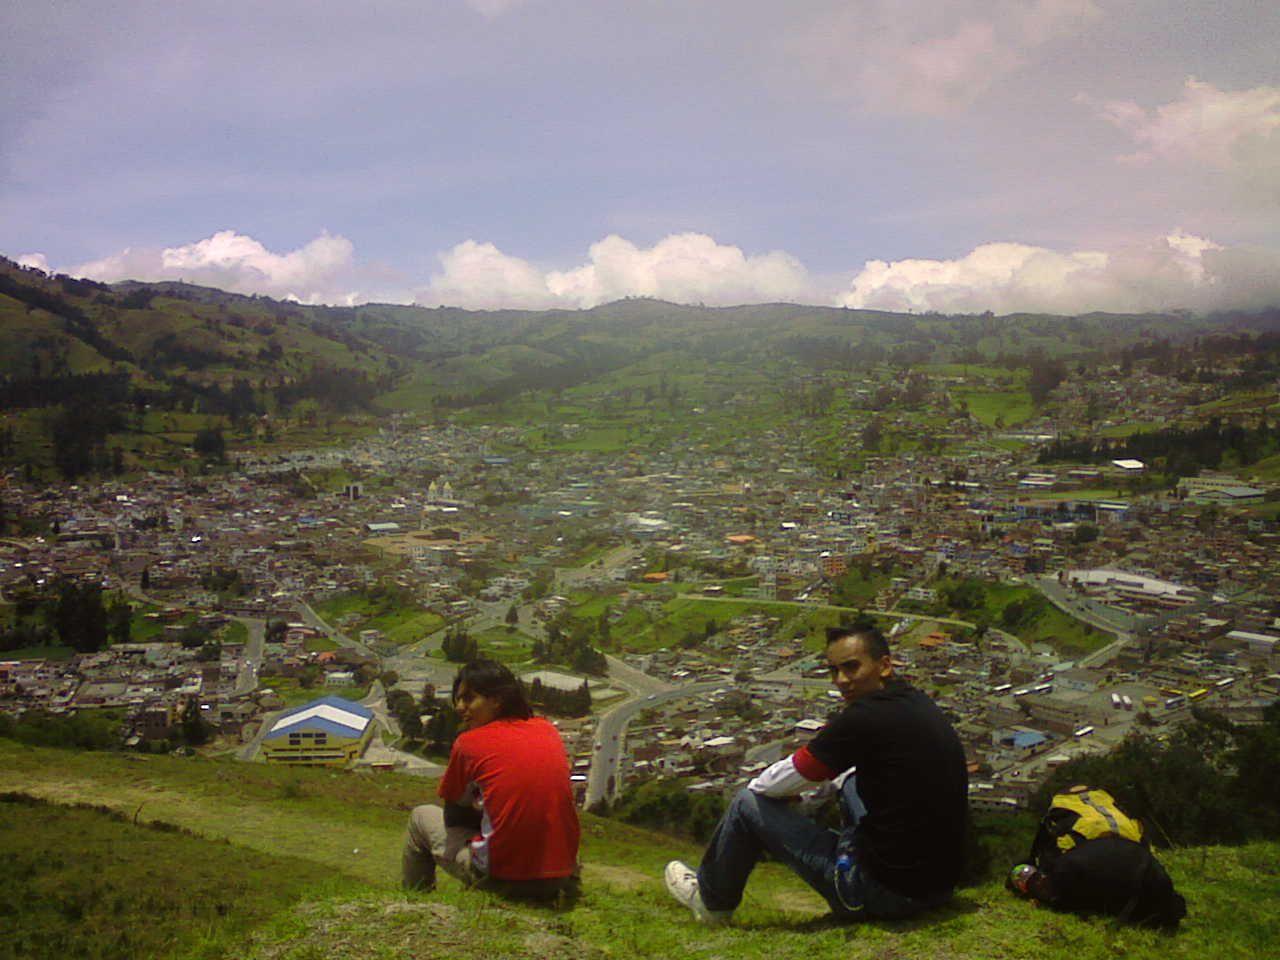 Guaranda y las siete colinas proyecto famillia escala 35 for Cafetin colegio las colinas